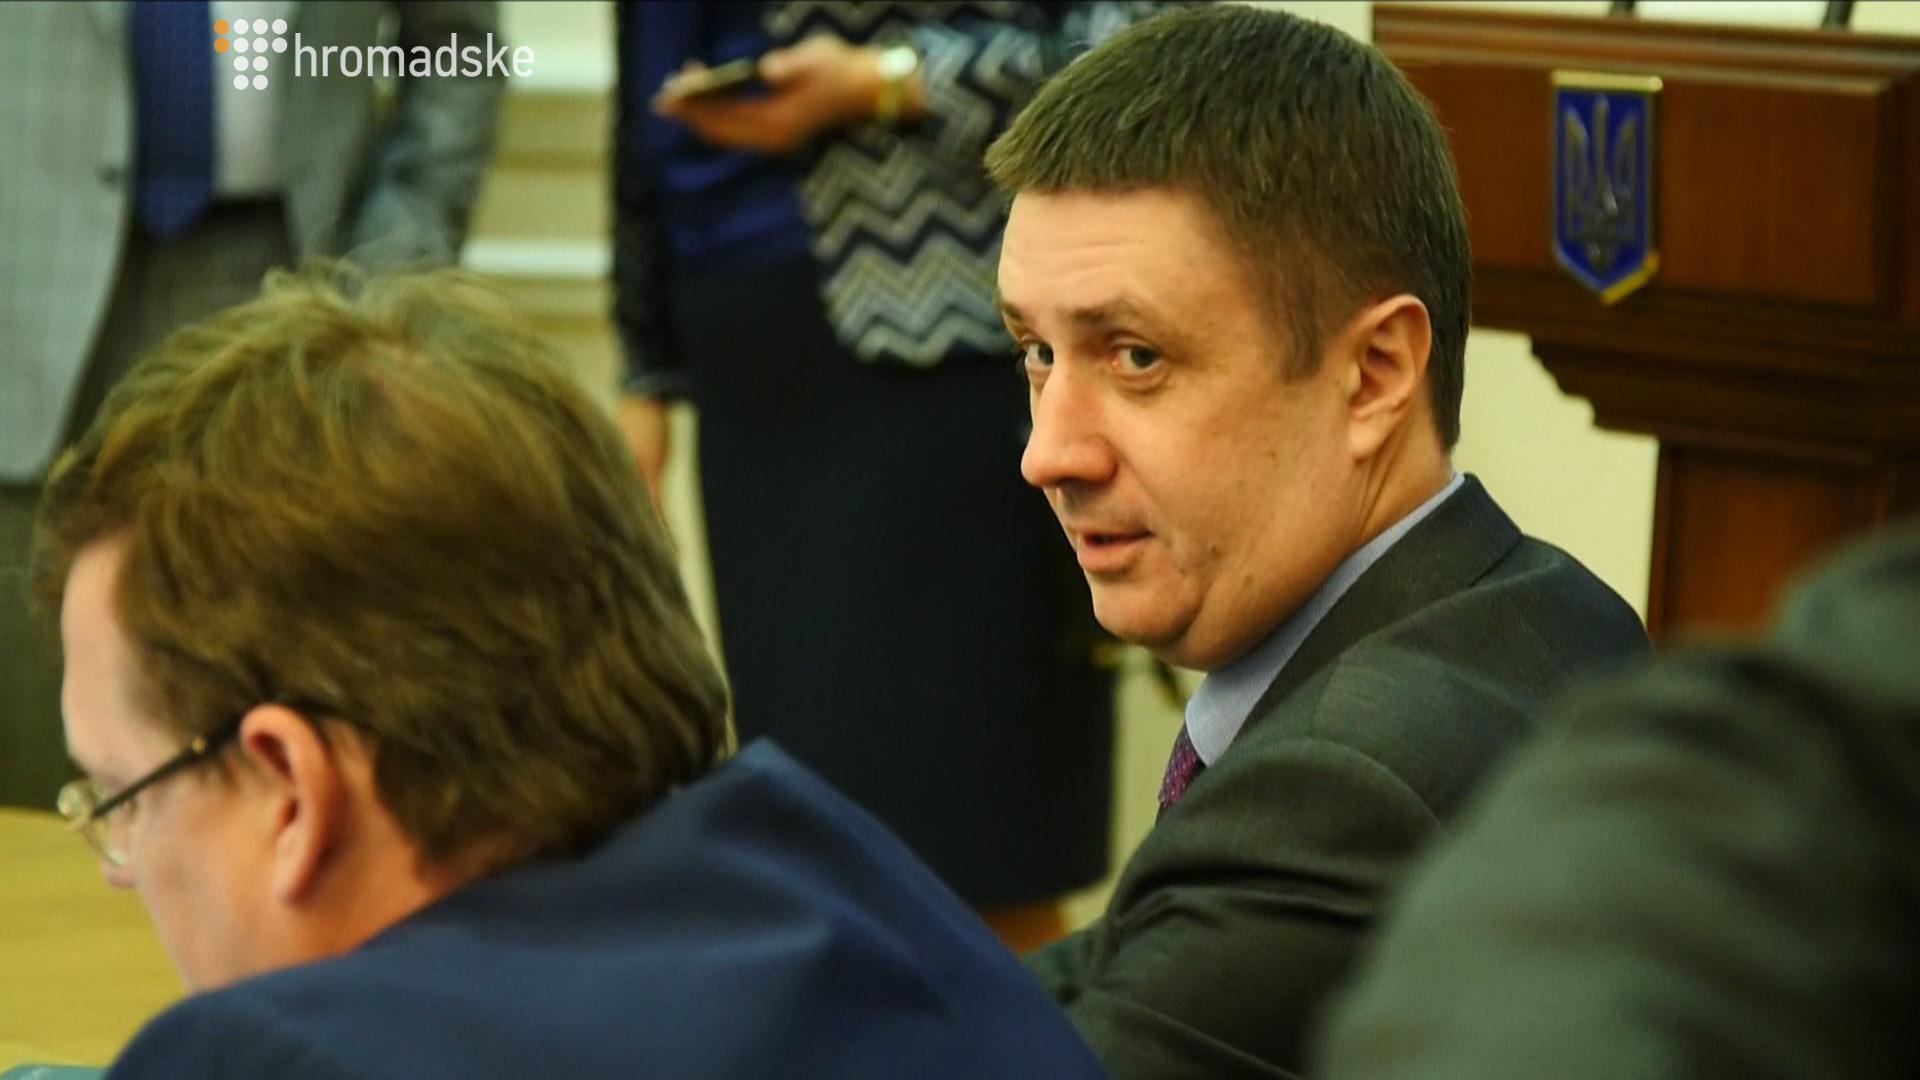 Ей должно быть стыдно за это: жена вице-премьера Кириленко стала победительницей очень непрестижного конкурса